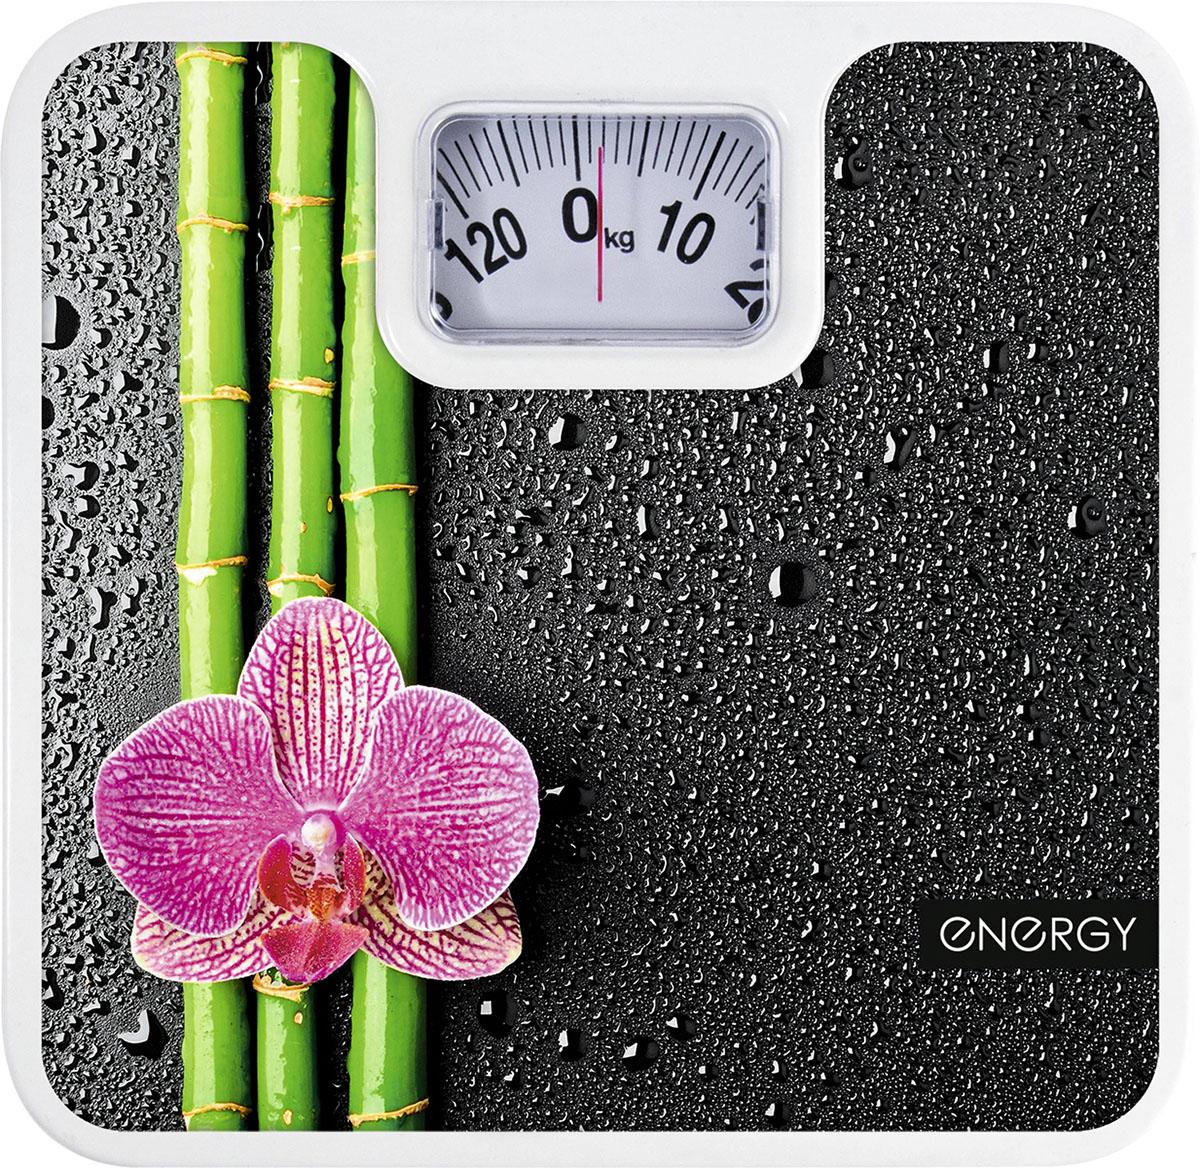 Energy ENМ-409D напольные весы54 003116Максимальная нагрузка: 120 кгНадежный механизмКрупный шрифт надписей на шкалеЦена деления: 1 кг